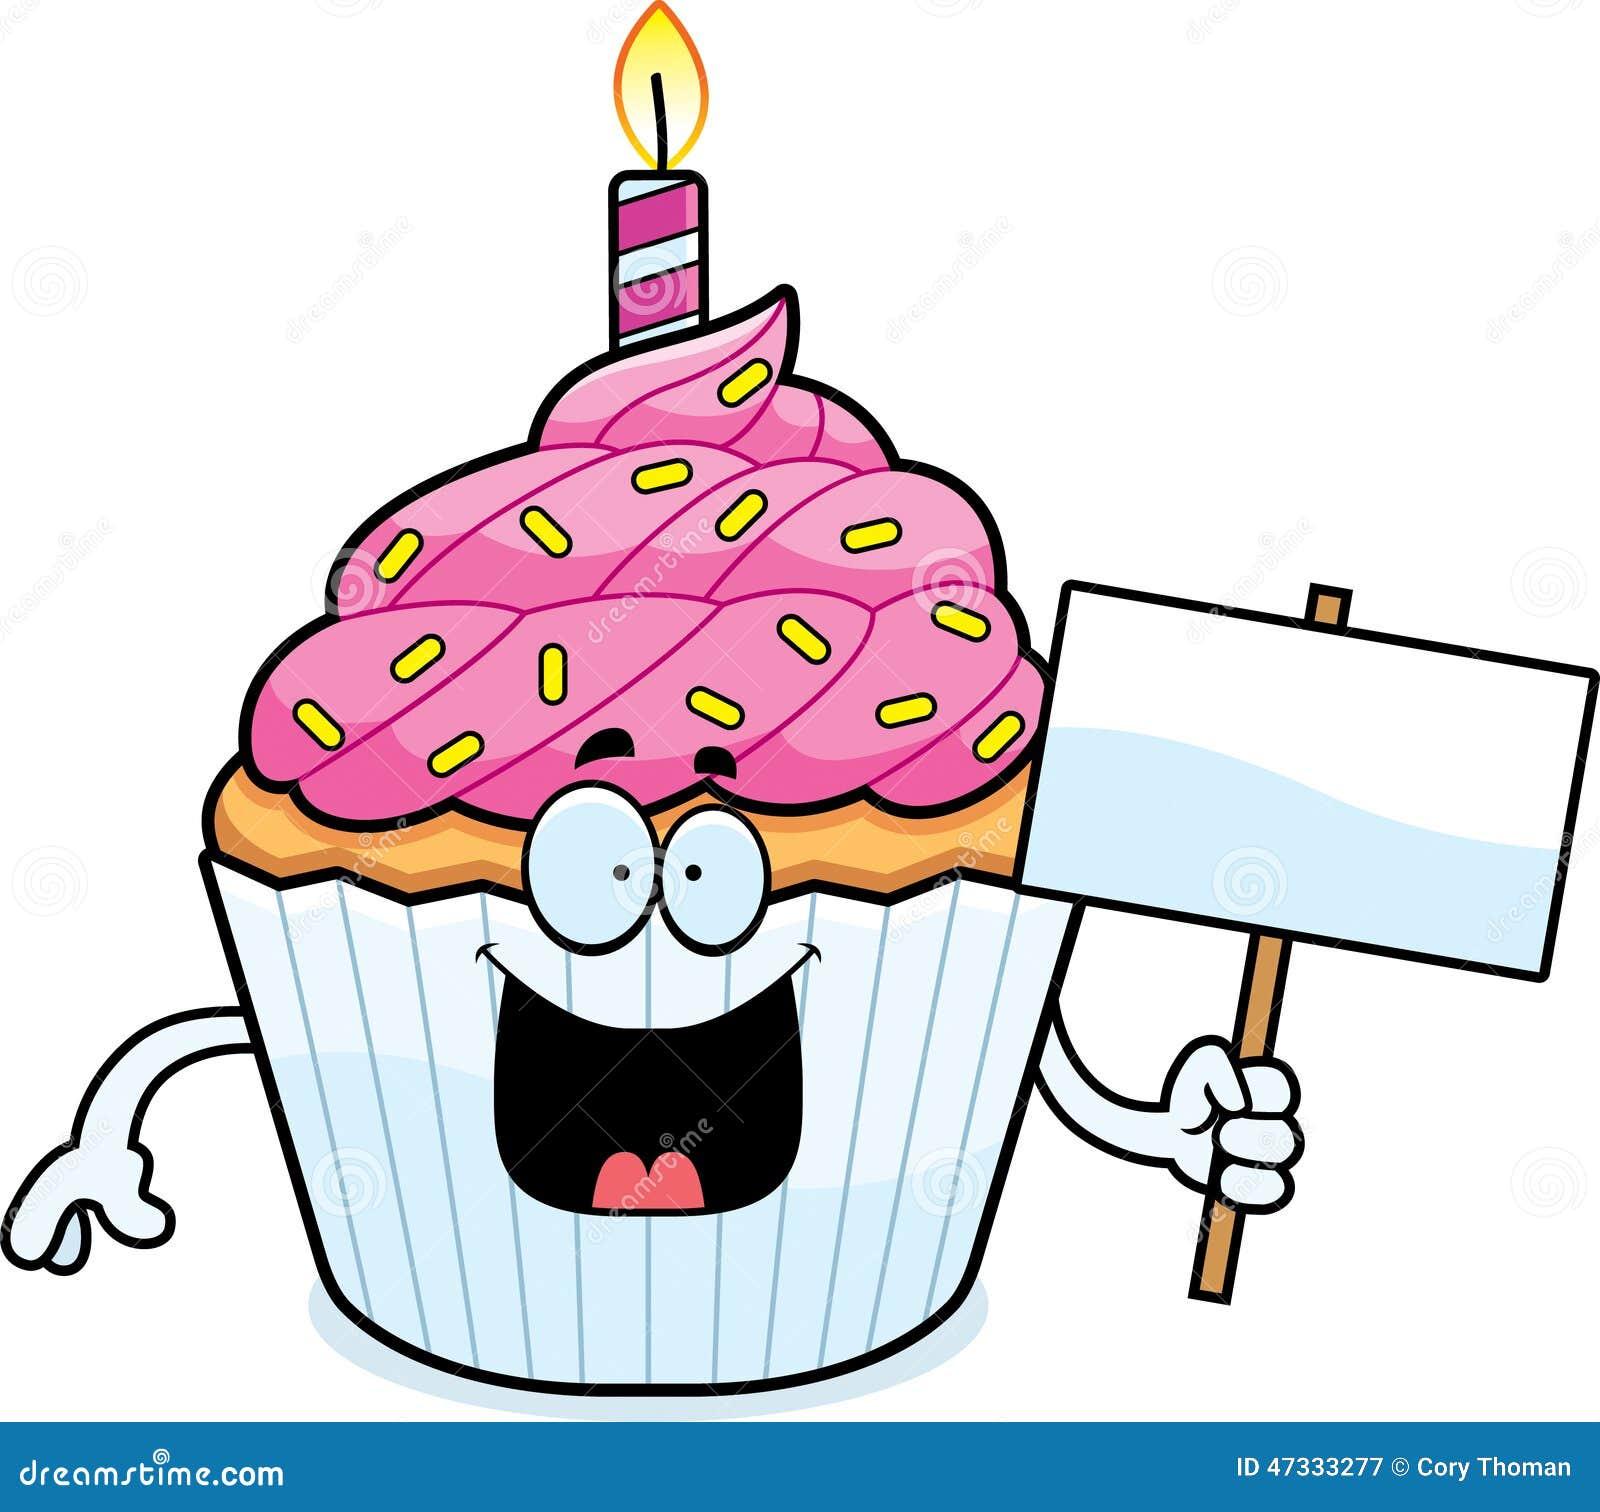 Zeichen Des Karikatur Geburtstags Kleinen Kuchens Vektor Abbildung